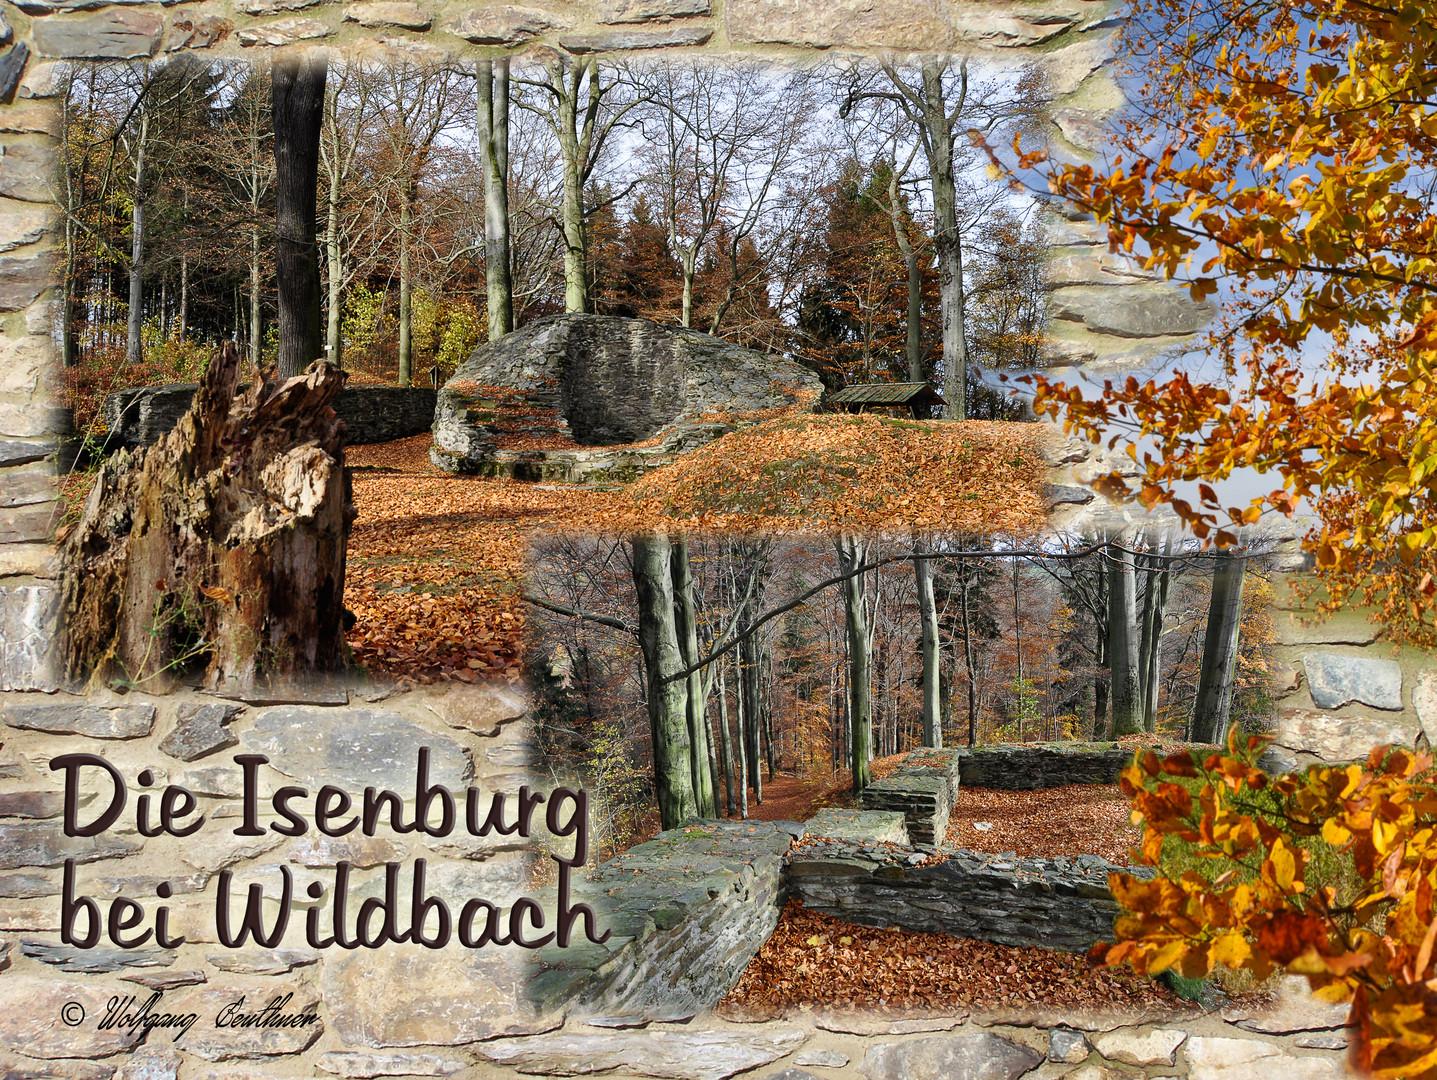 Die Burgruine Isenburg bei Wildbach nördlich von Schneeberg